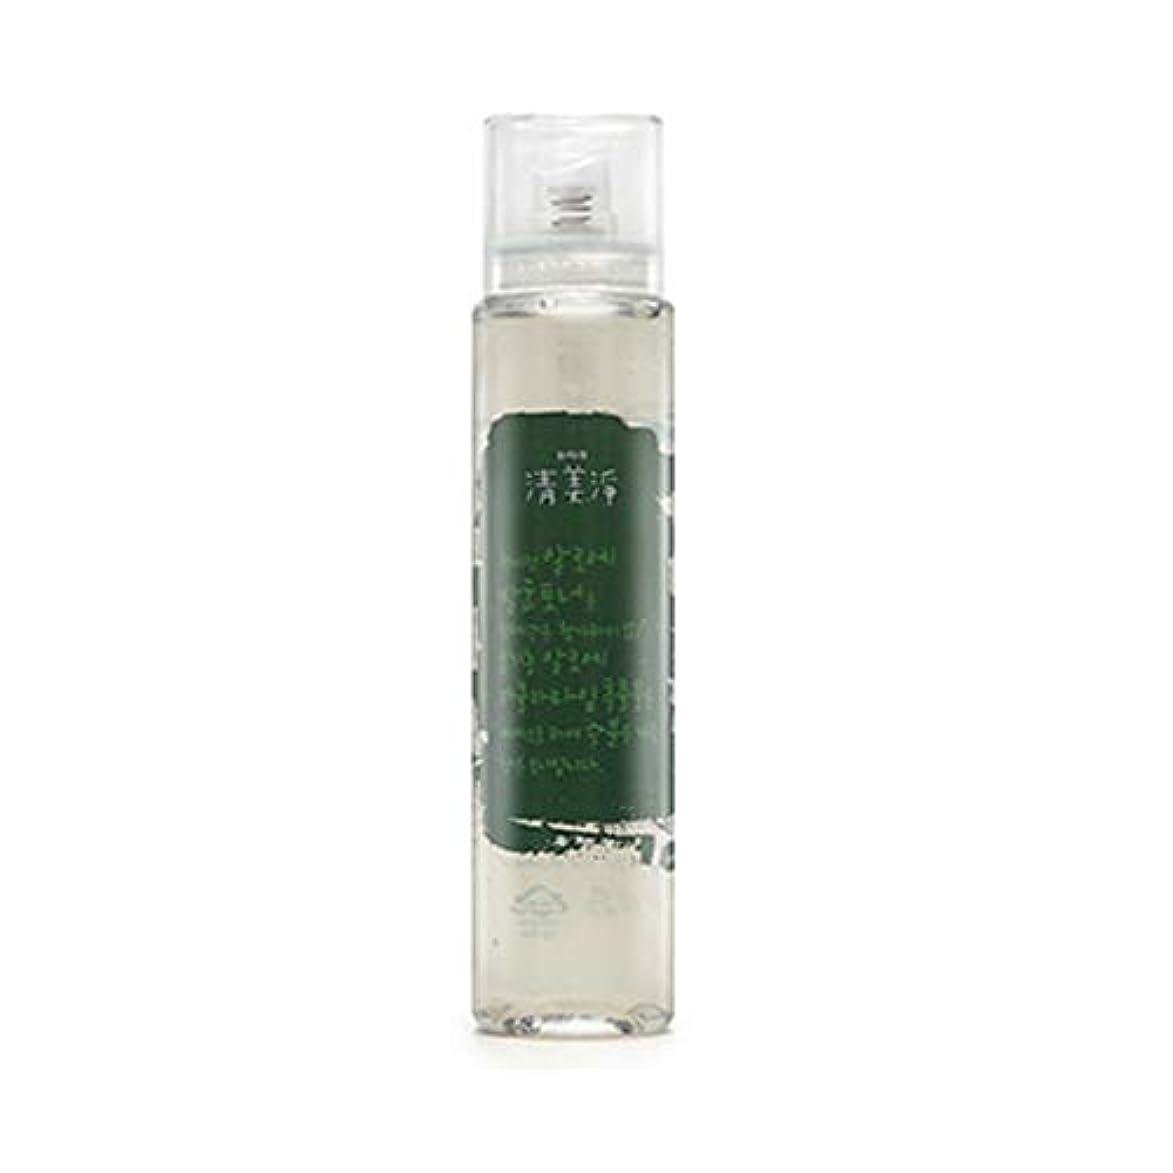 宿泊施設バンカー比率[ChungMiJung] 清美浄(チョンミジョン) アロエ発酵トナー 140ml Aloe Fermentation Toner - 98% Organic Faicial Toner Skin Refresher Korean Skincare